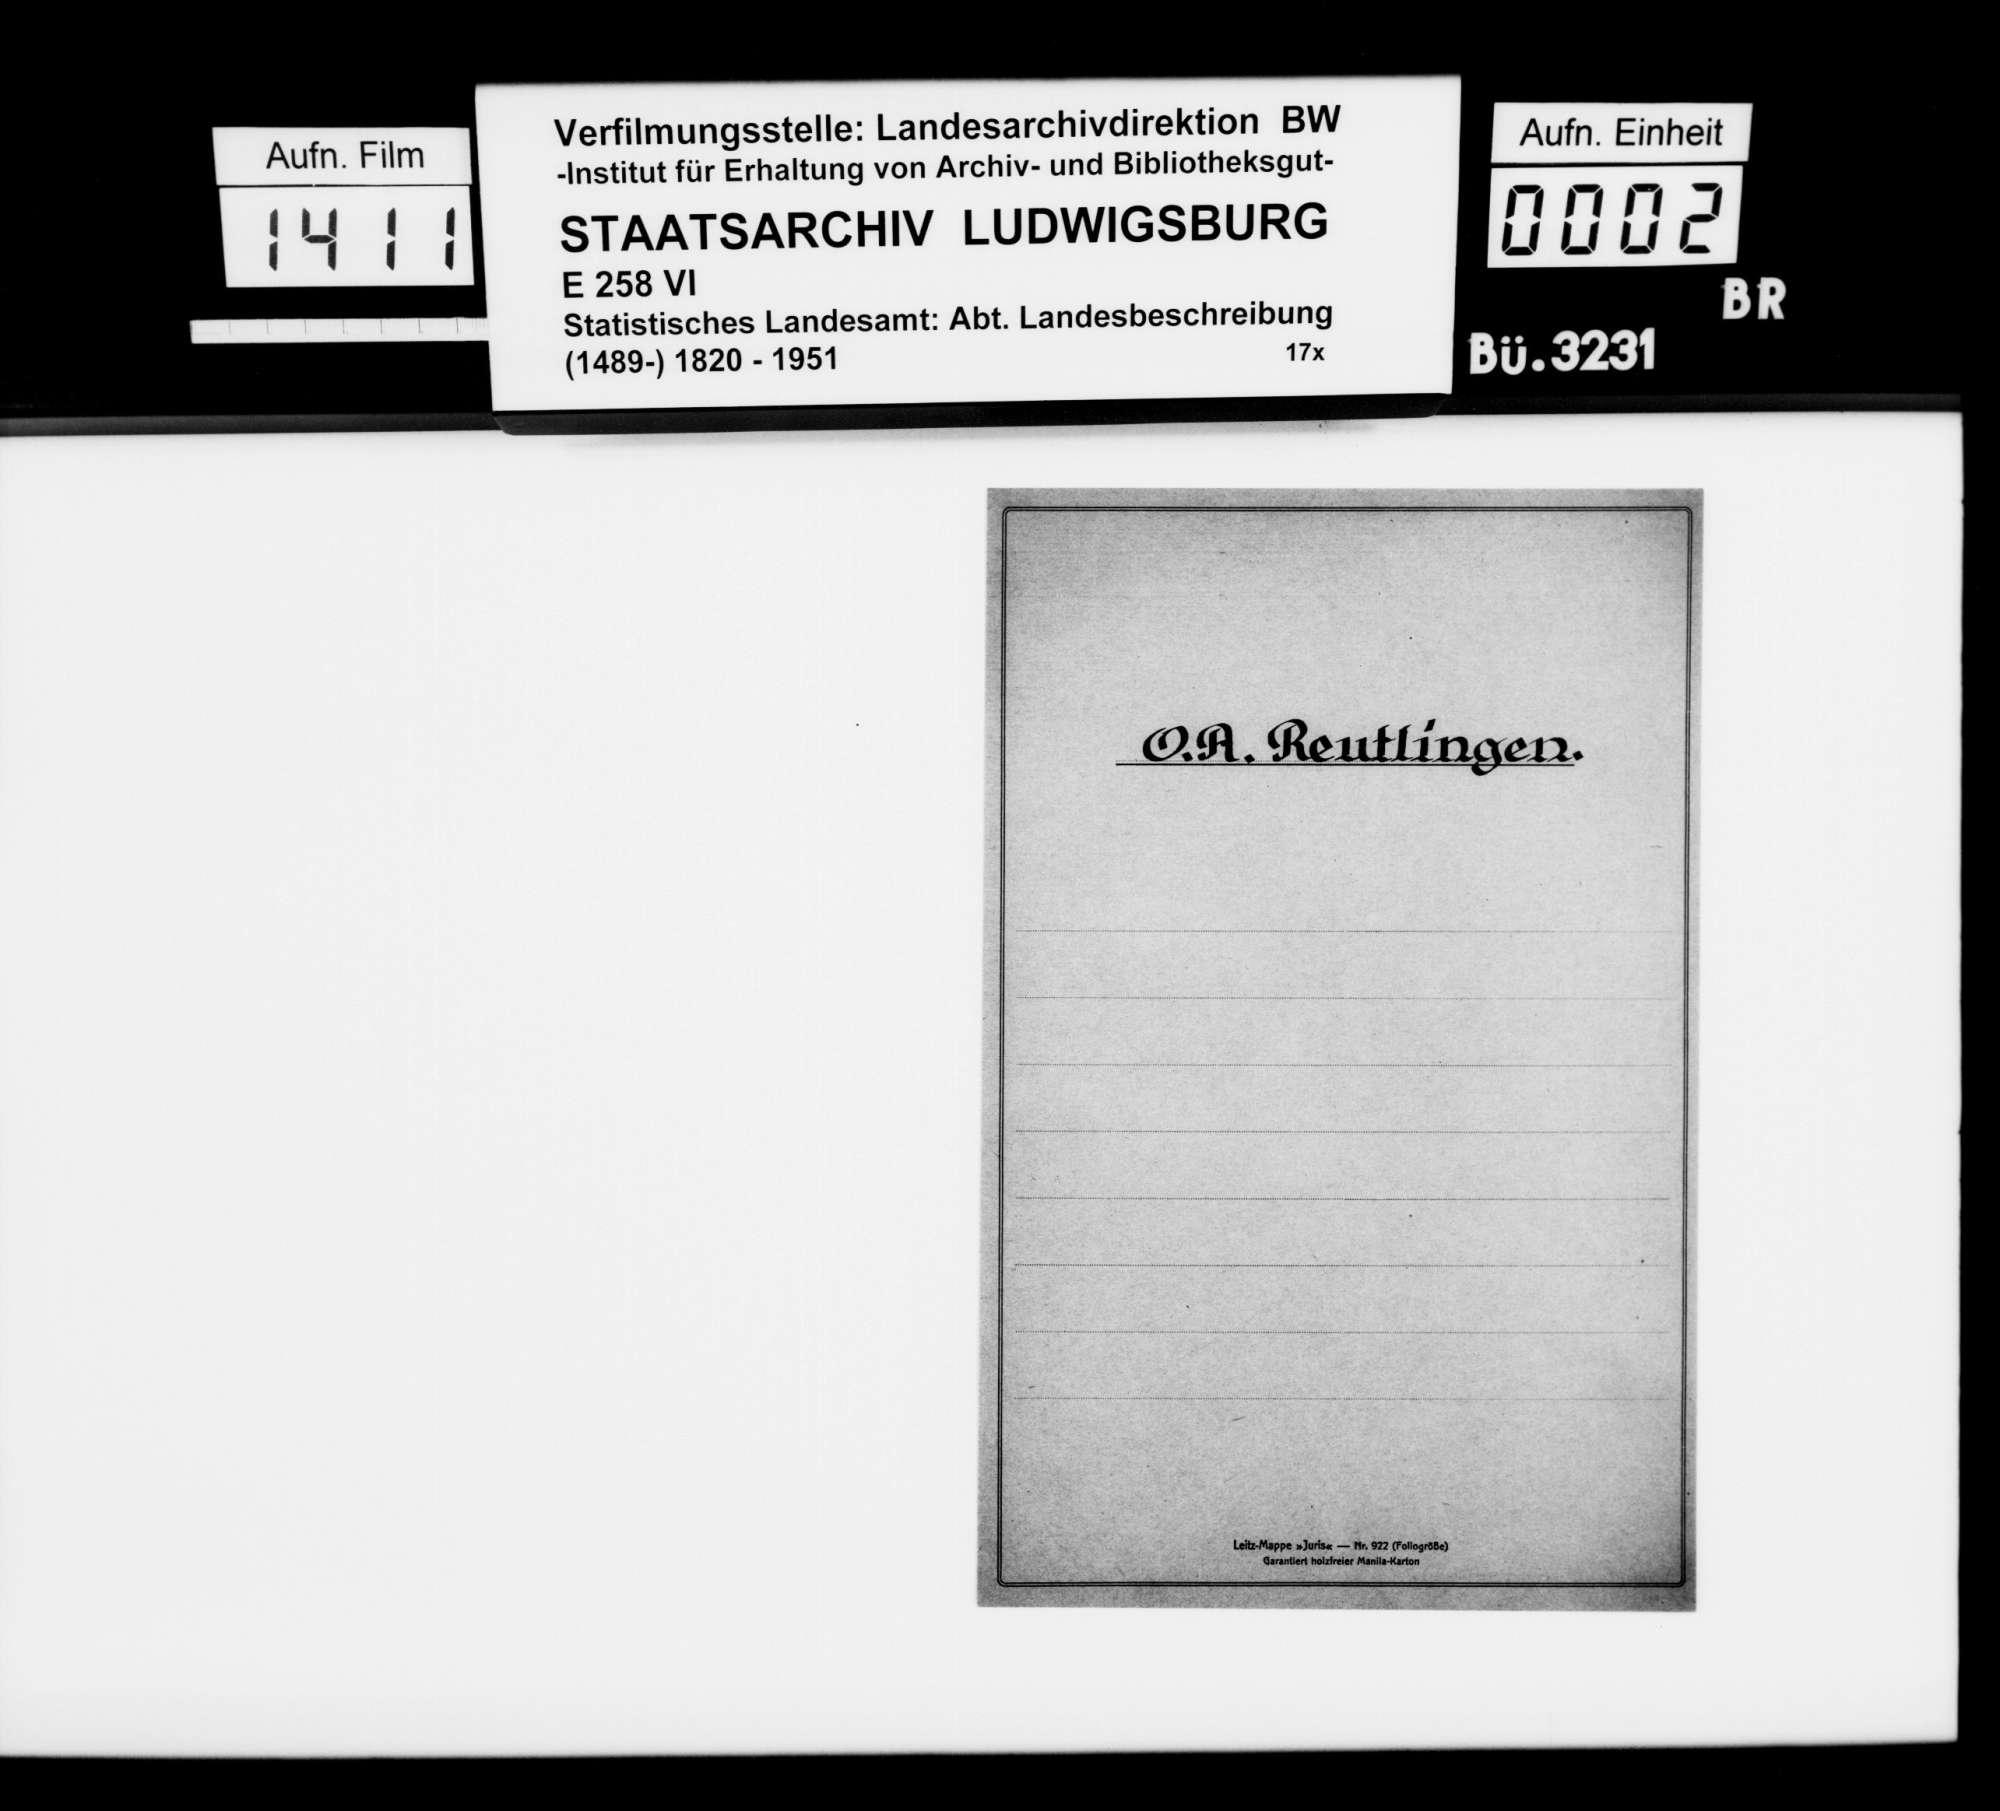 Materialsammlung für die Neubearbeitung der OAB, vornehmlich zu den Amtsorten, Bild 1